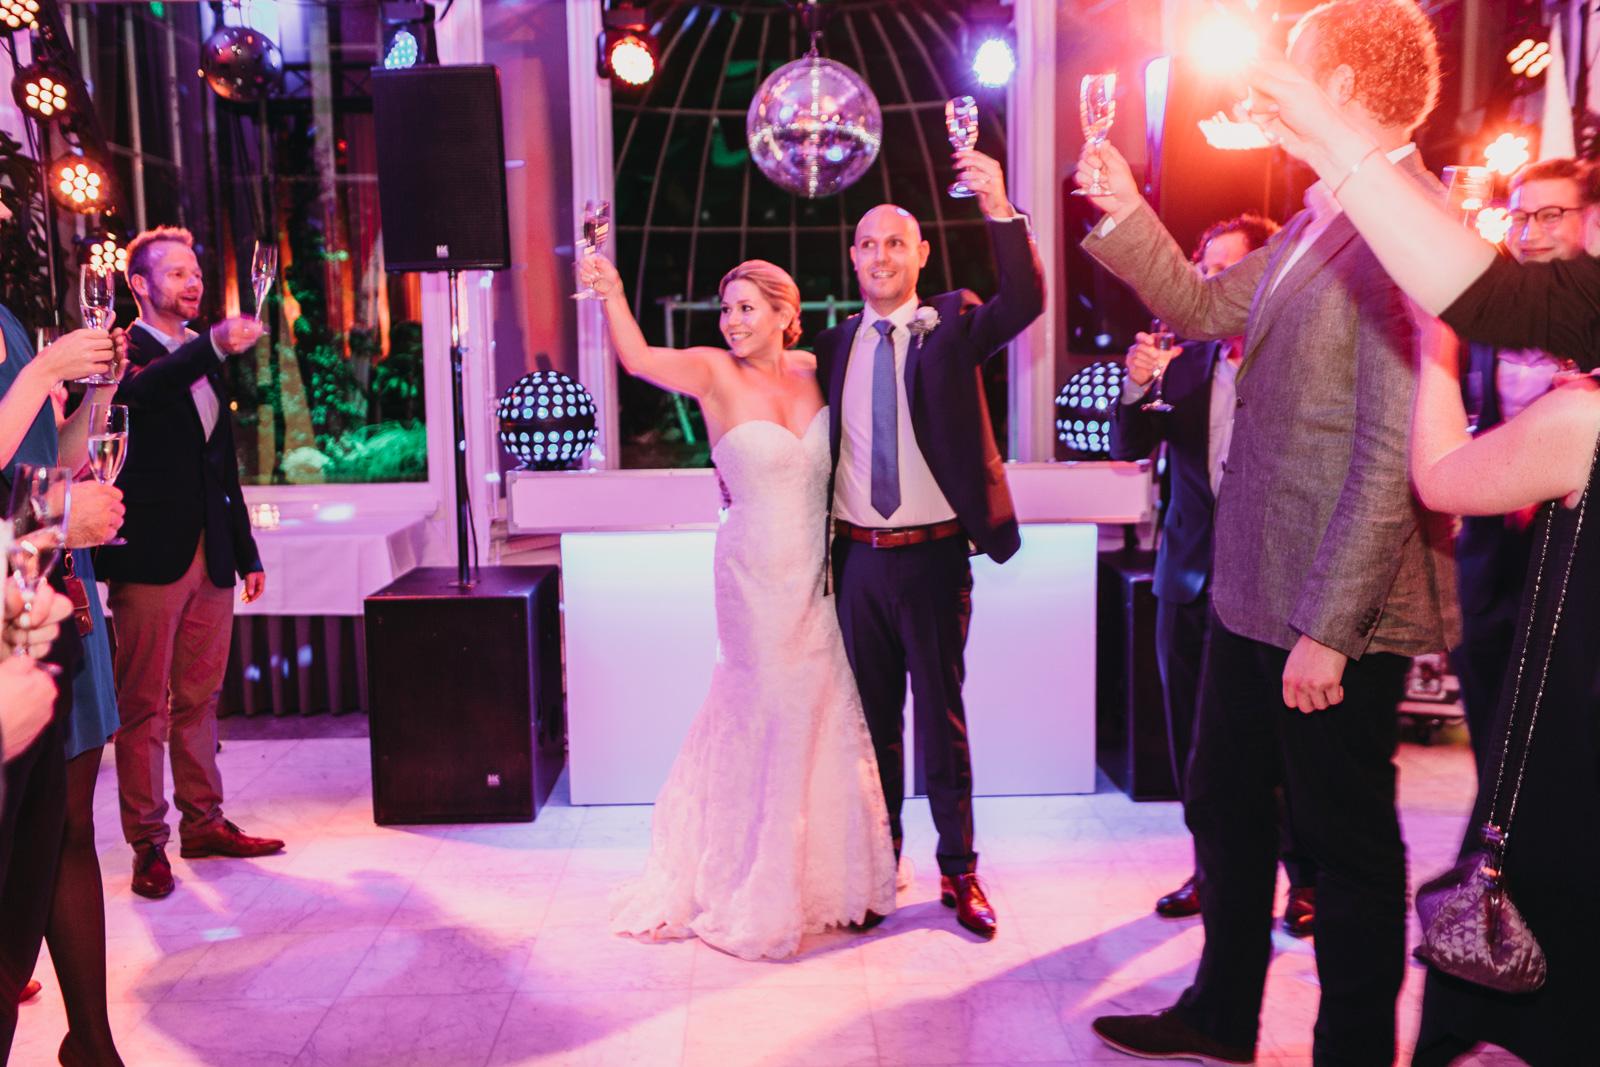 Evabloem_wedding_martine-en-jurriaan-23.jpg